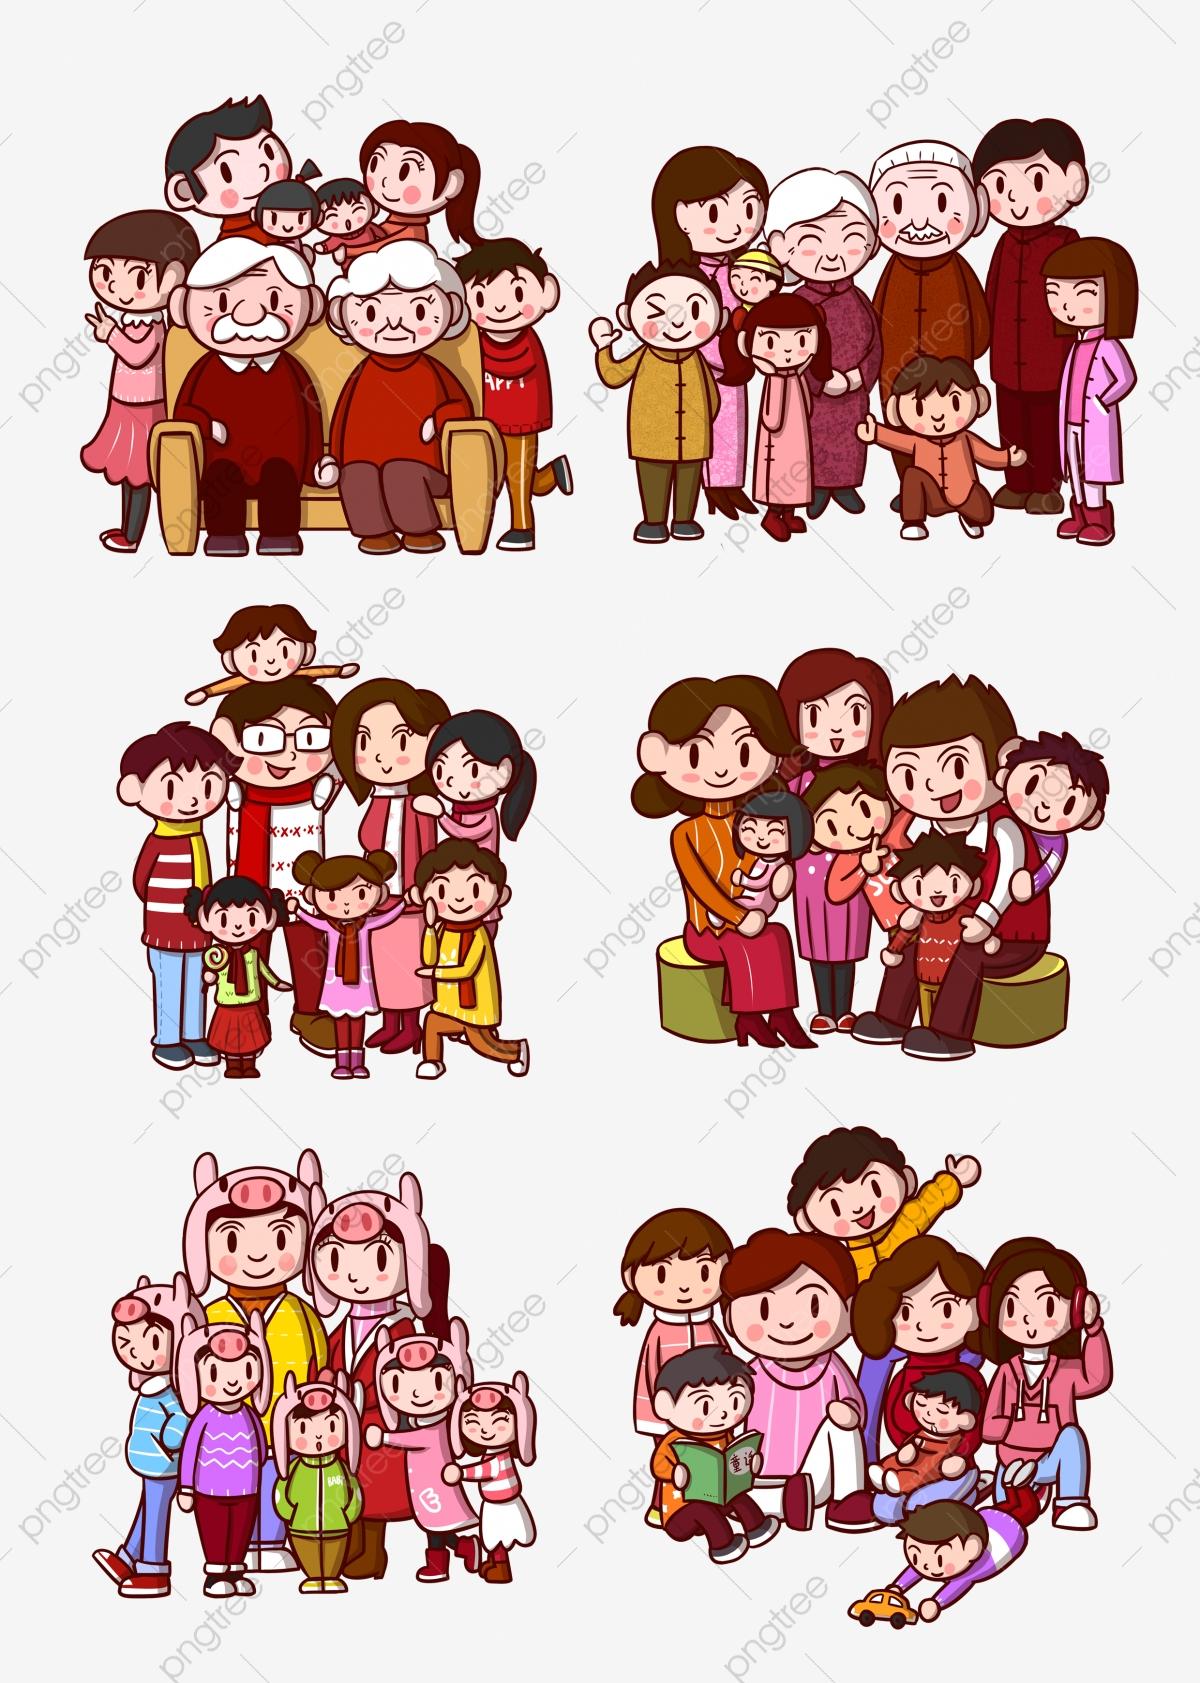 Gambar Kartun Keluarga Potret Keluarga Kartun Kartun Keluarga Keluarga Png Dan Psd Untuk Muat Turun Percuma